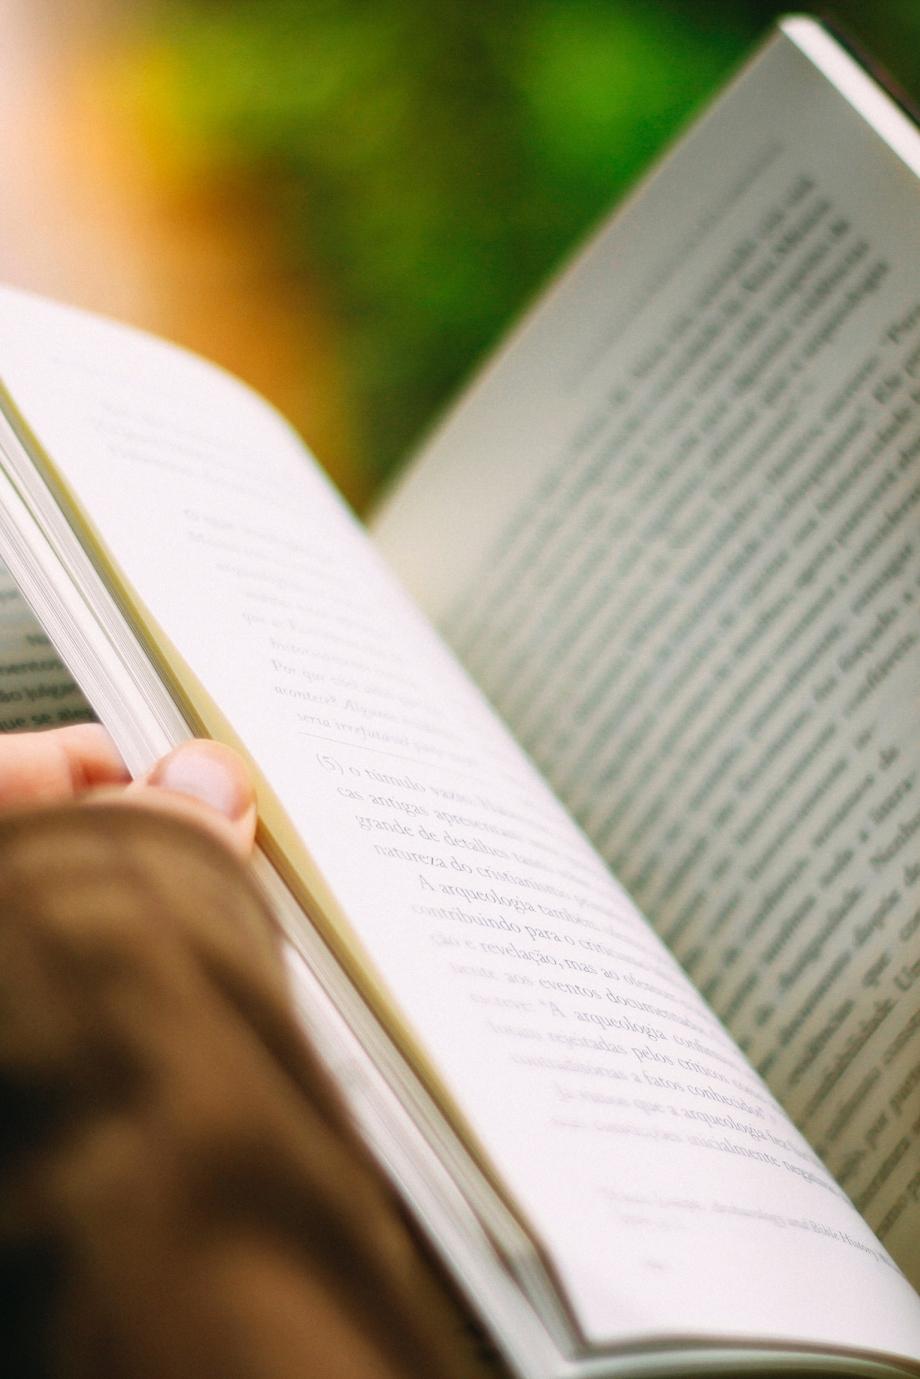 AlgarveCool_Blog_Não perca: Festa do Livro até dia 28!